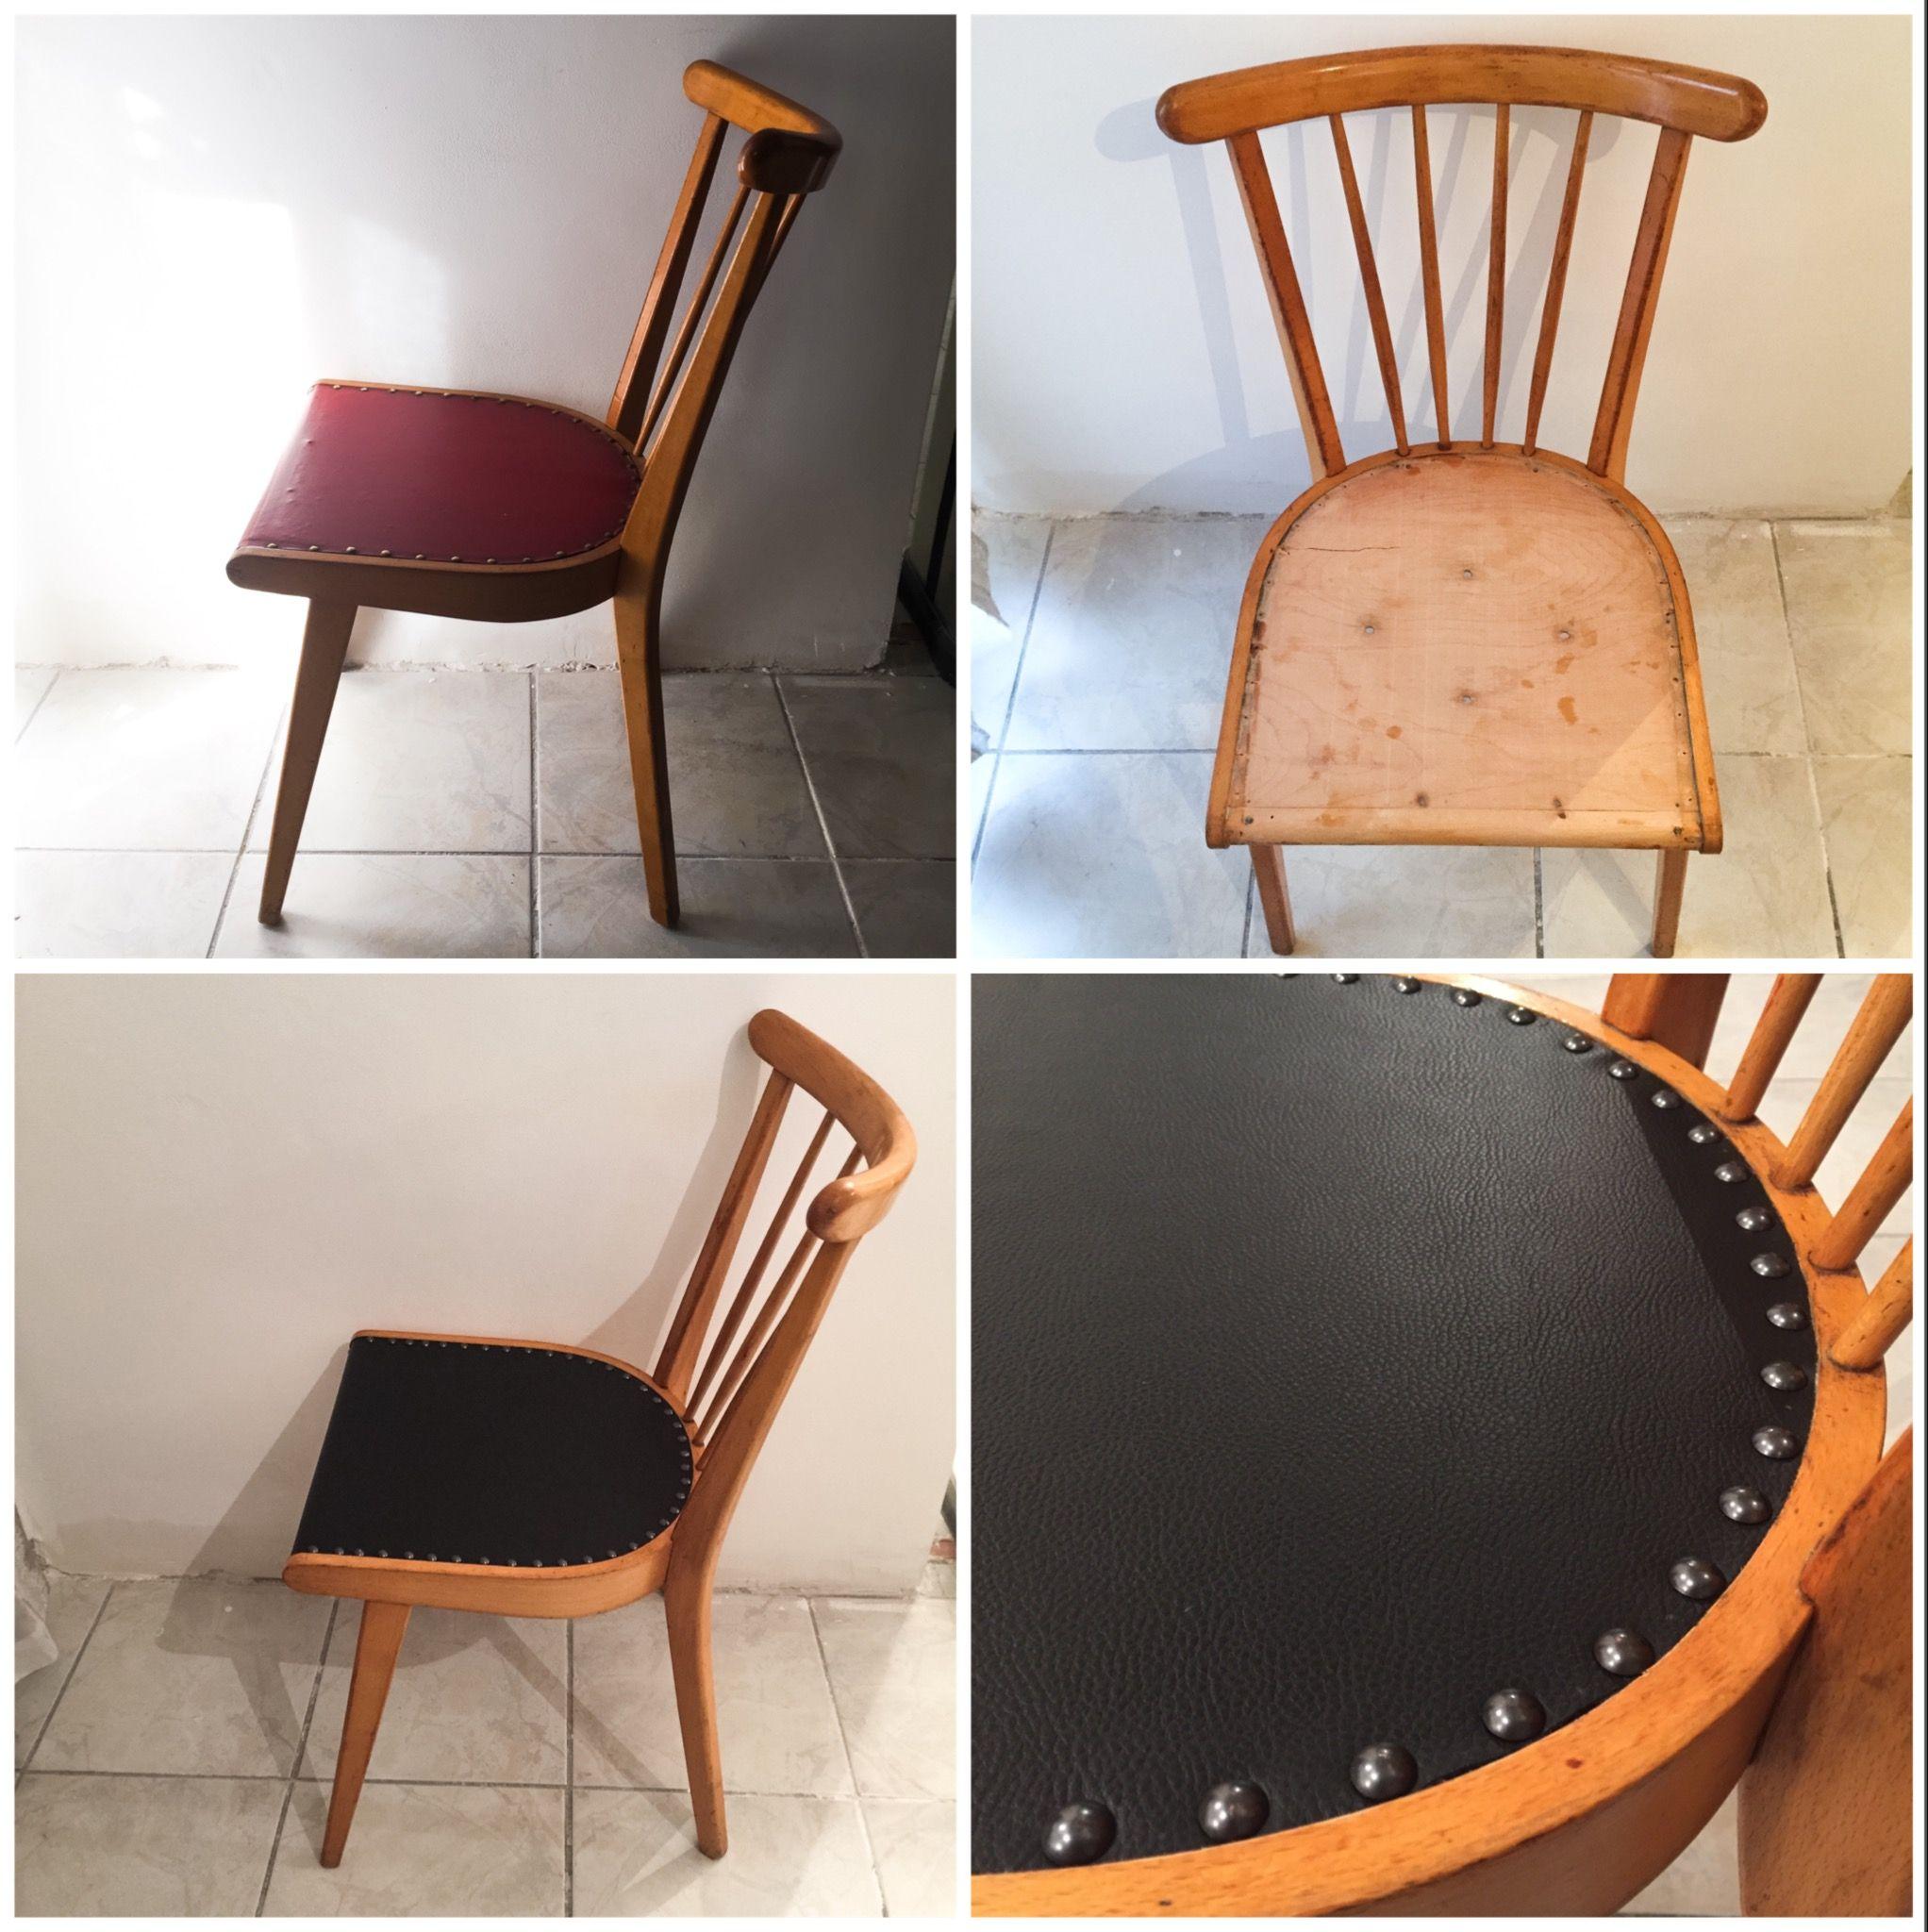 0d8fb9c905b7c3c73671c0e9f6b089af Incroyable De Table Plus Chaise Des Idées